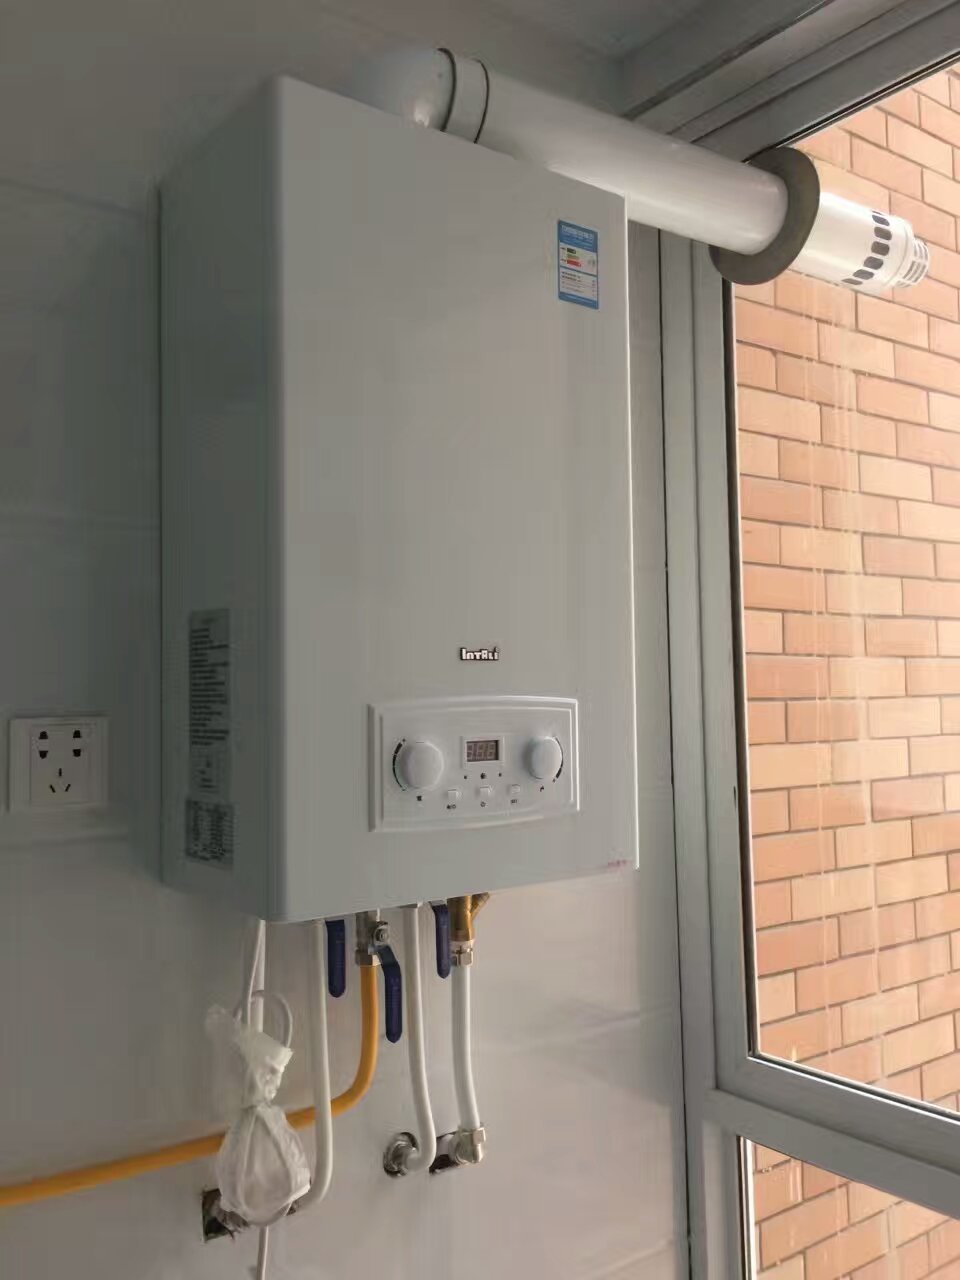 哈尔滨冷凝燃气模块炉安装 创新服务「单马壁挂炉供」